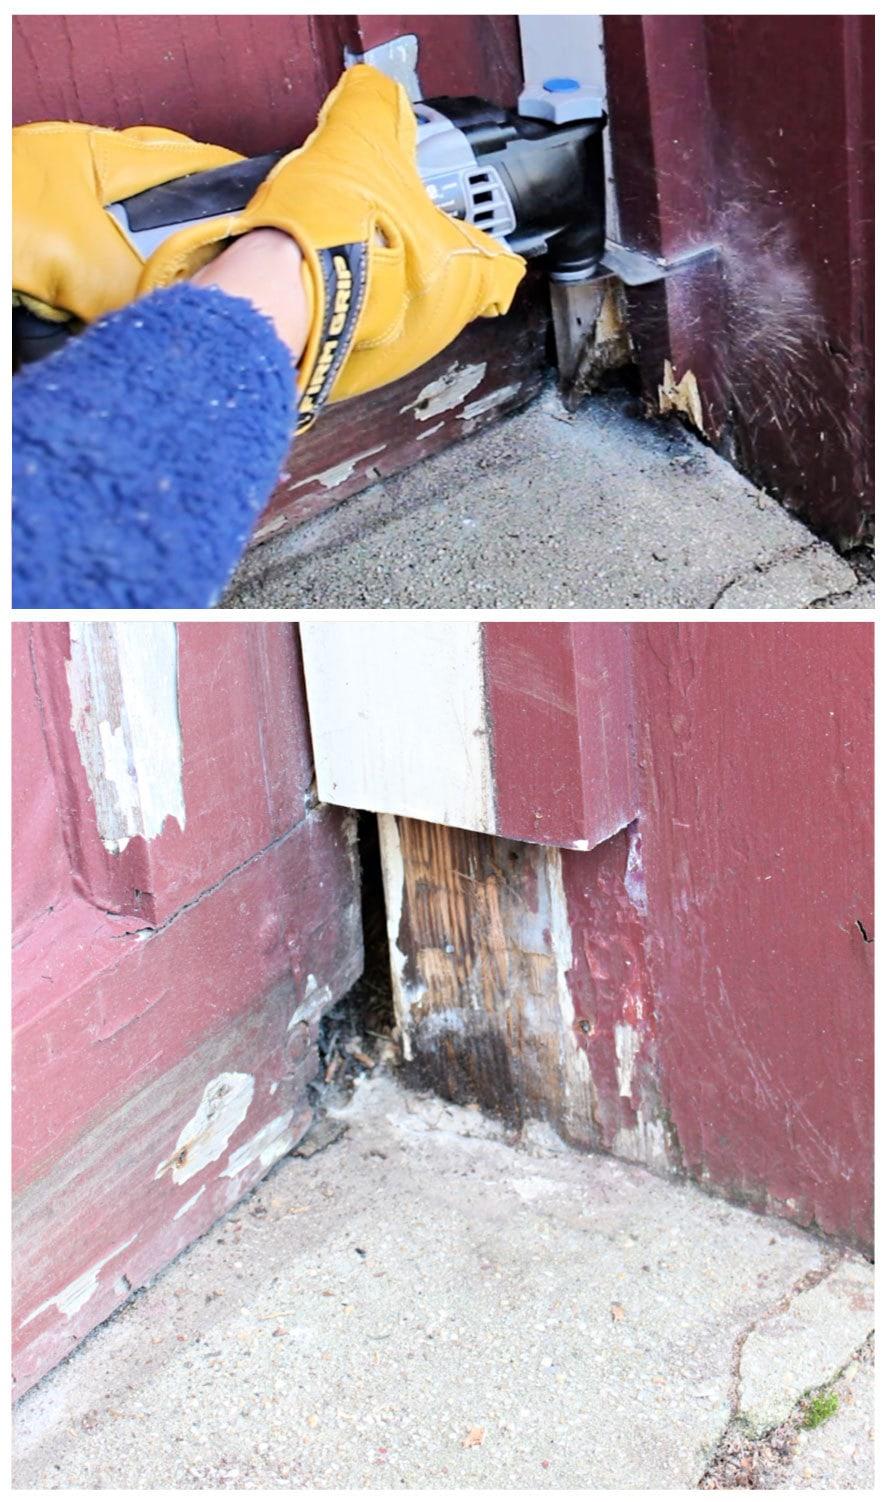 garage frame repair using dremel oscillating tool